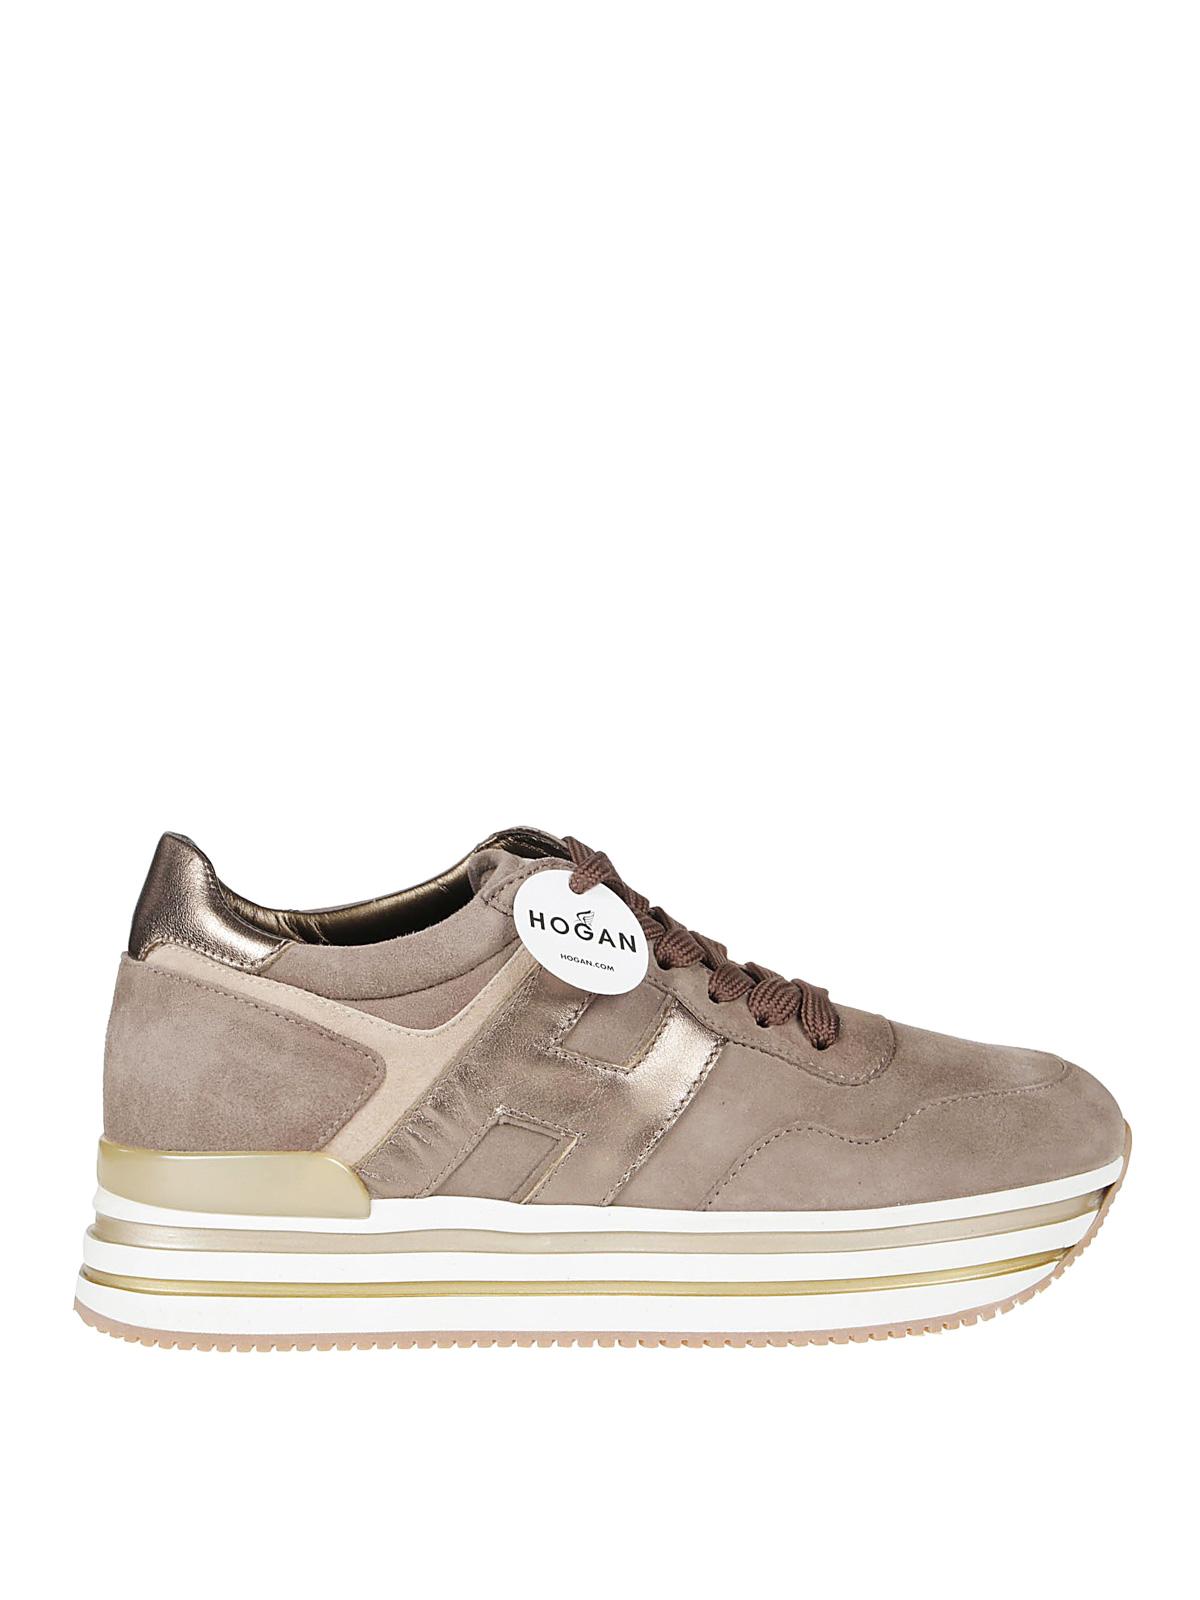 Hogan Midi Platform Suede Sneakers In Light Brown